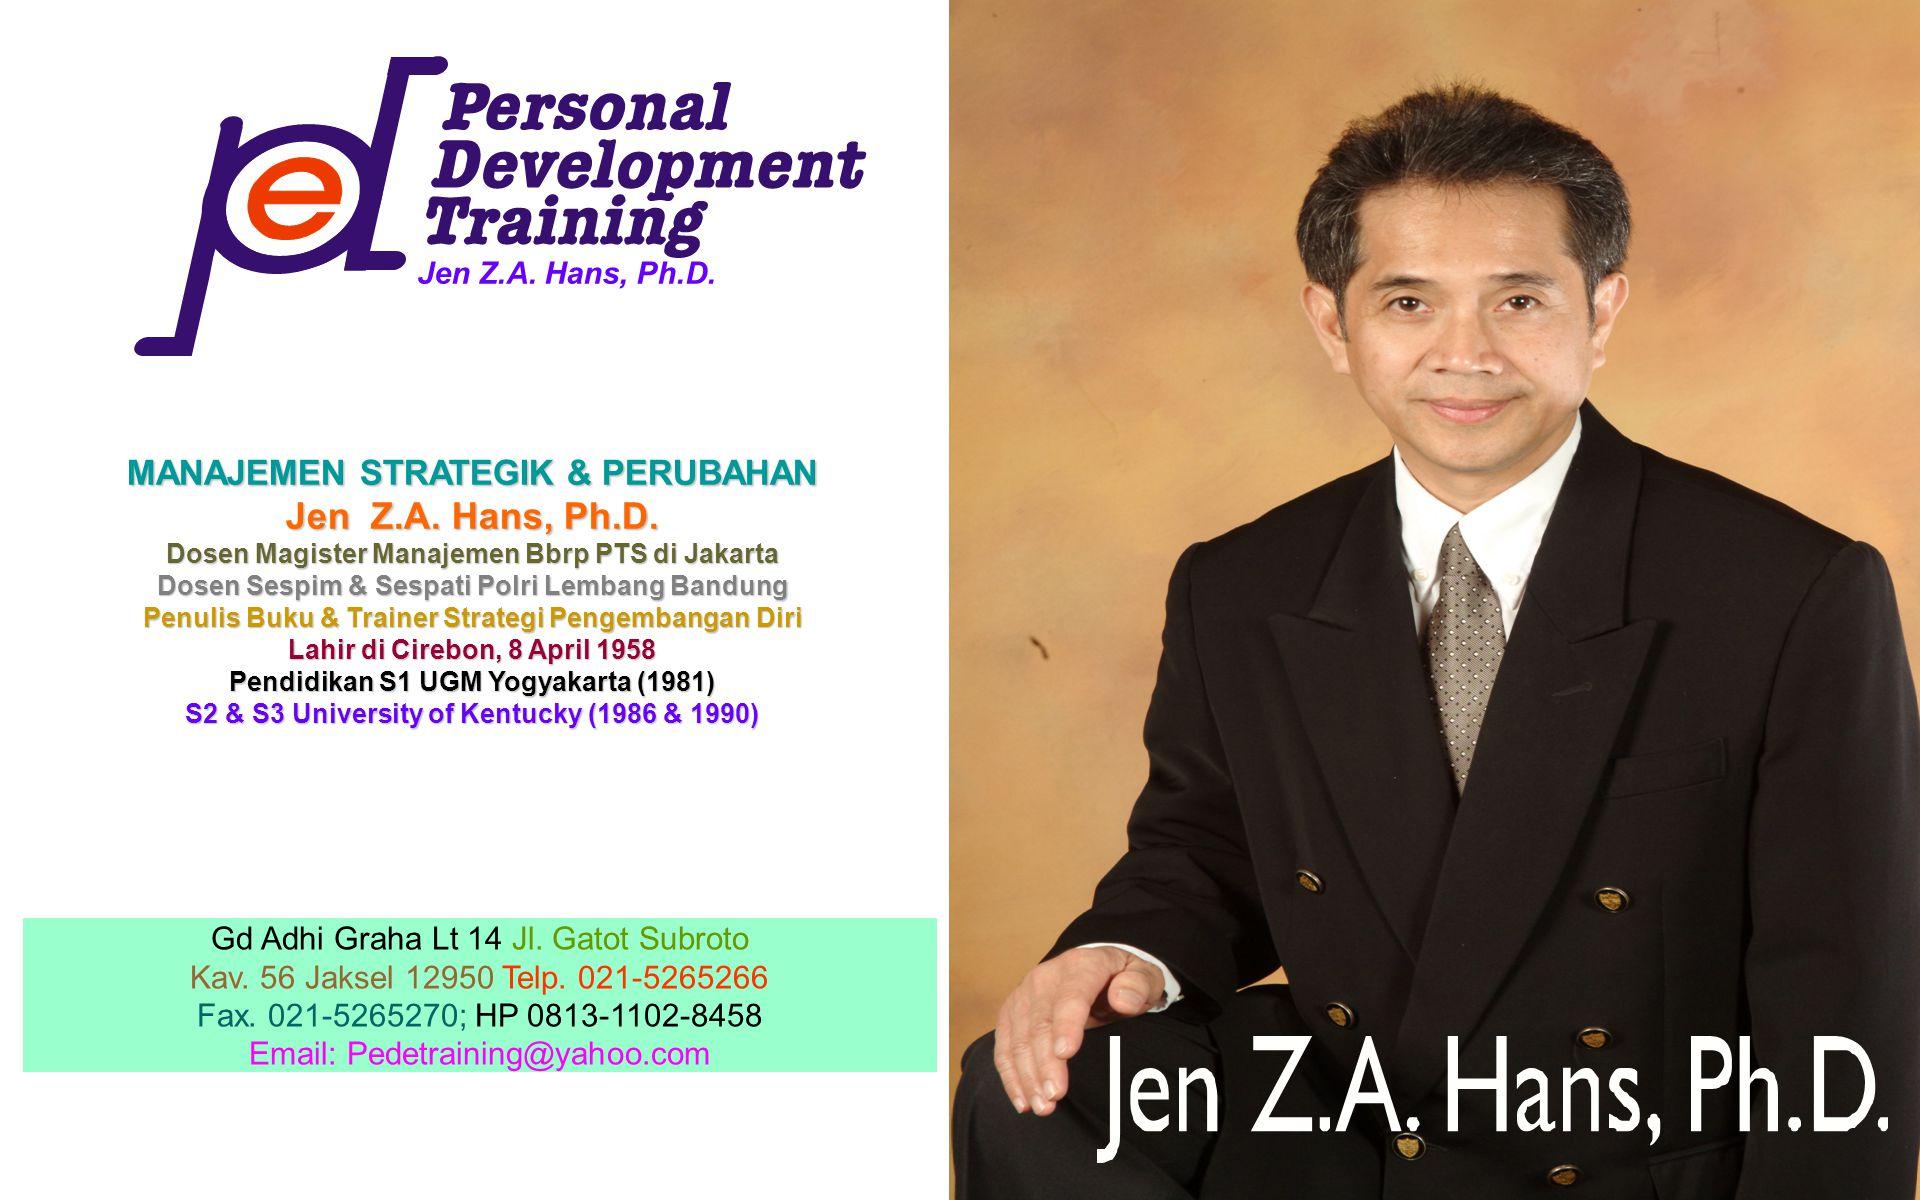 Jen Z.A. Hans, Ph.D 1 MANAJEMEN STRATEGIK & PERUBAHAN Jen Z.A. Hans, Ph.D. Dosen Magister Manajemen Bbrp PTS di Jakarta Dosen Sespim & Sespati Polri L